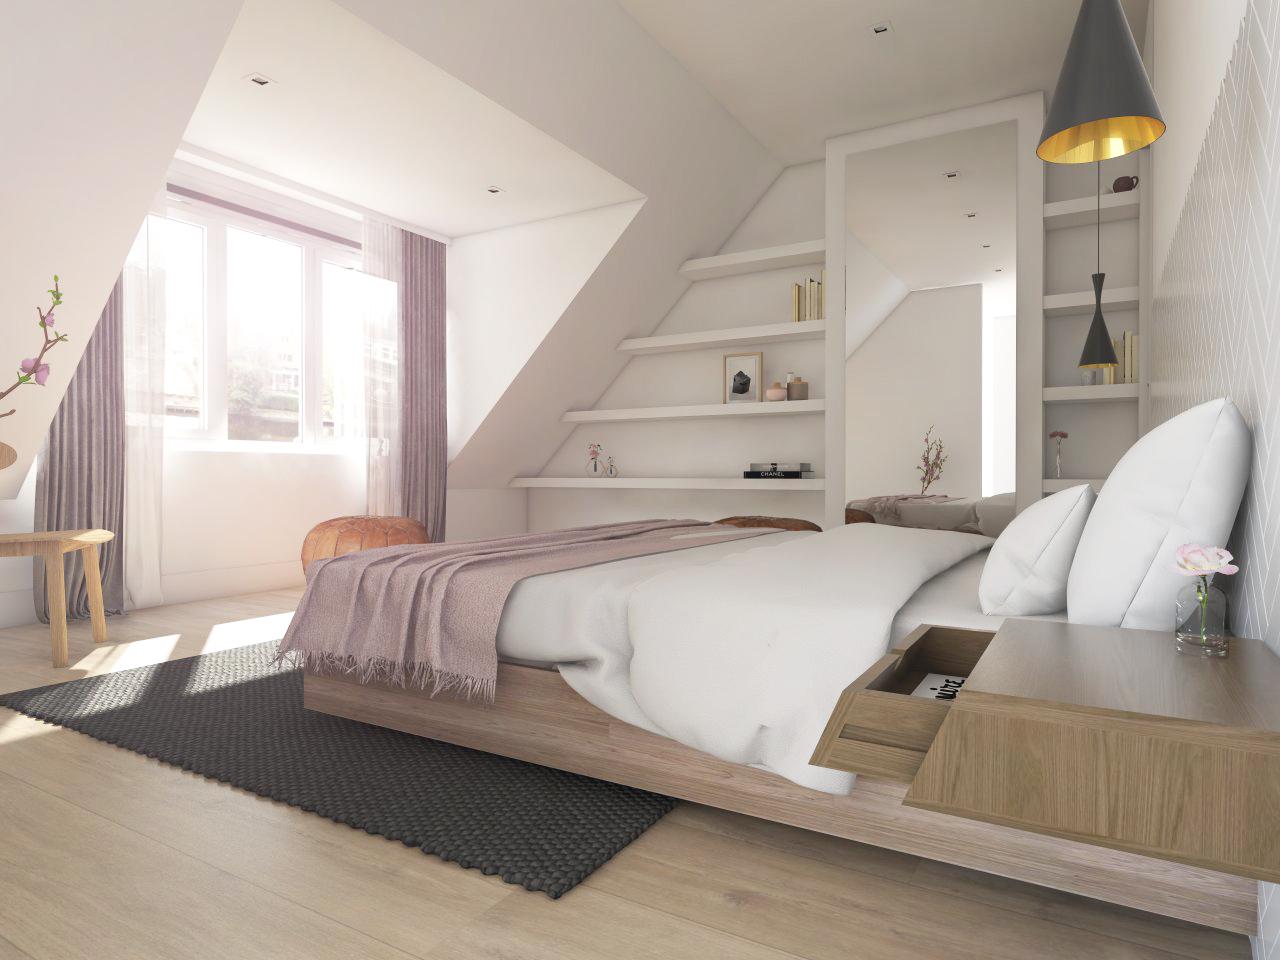 3e verdieping - Slaapkamer